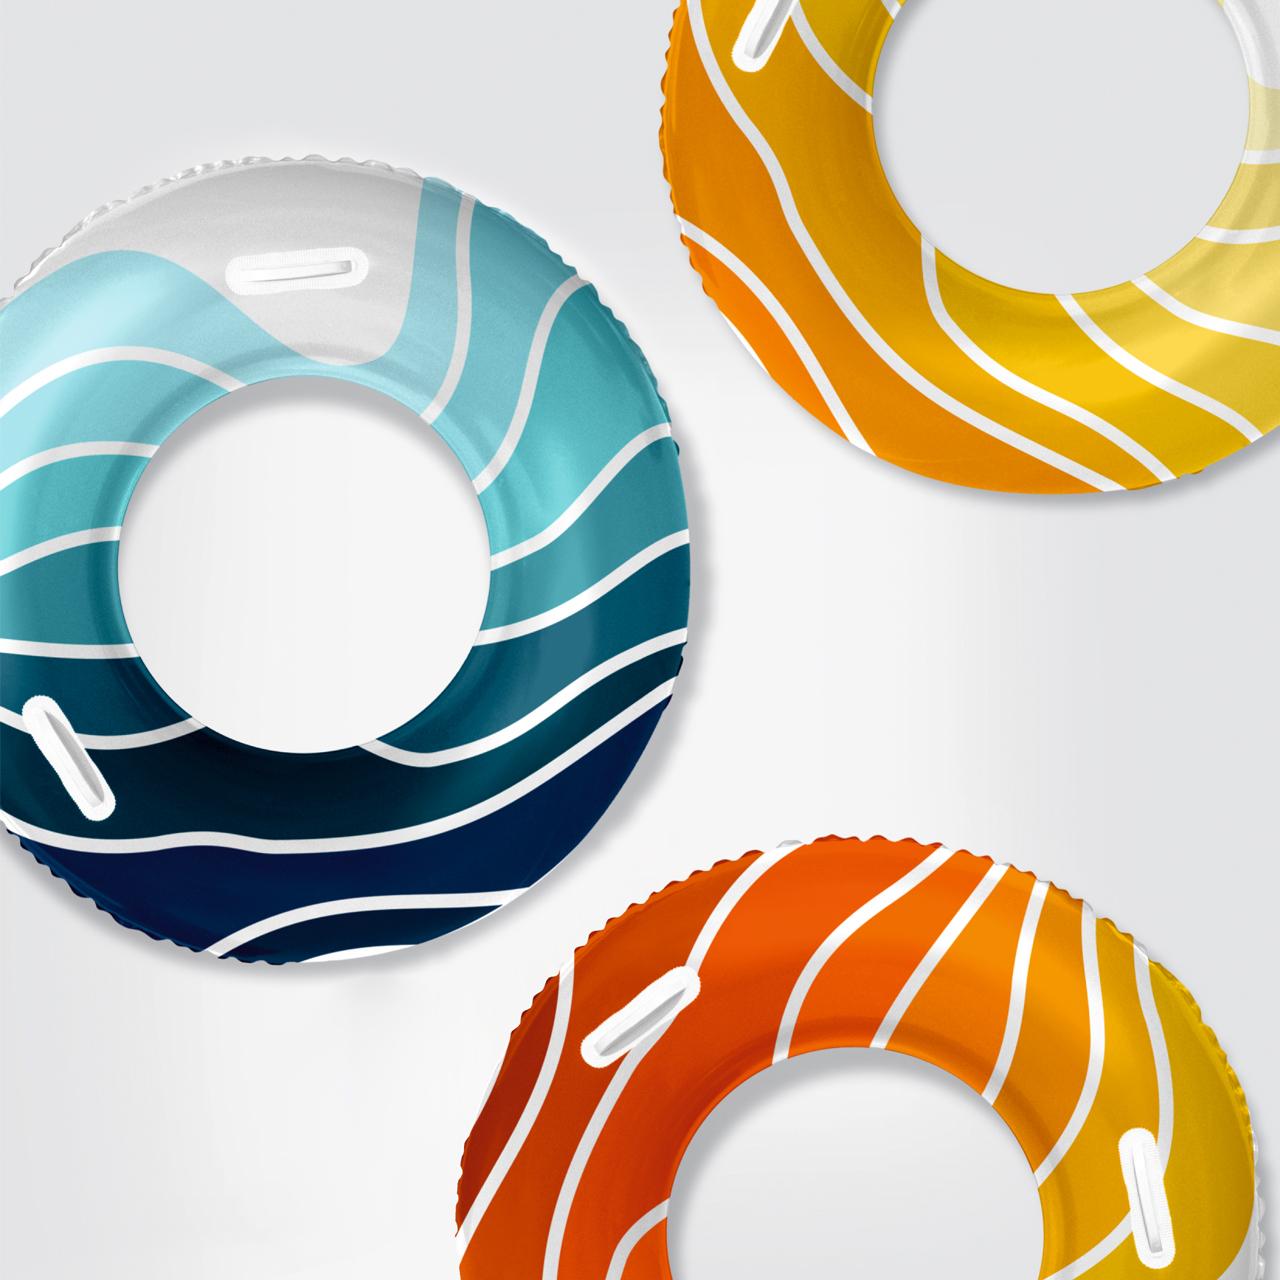 Фирменный паттерн туристического бренда Геленджика на плавательных кругах